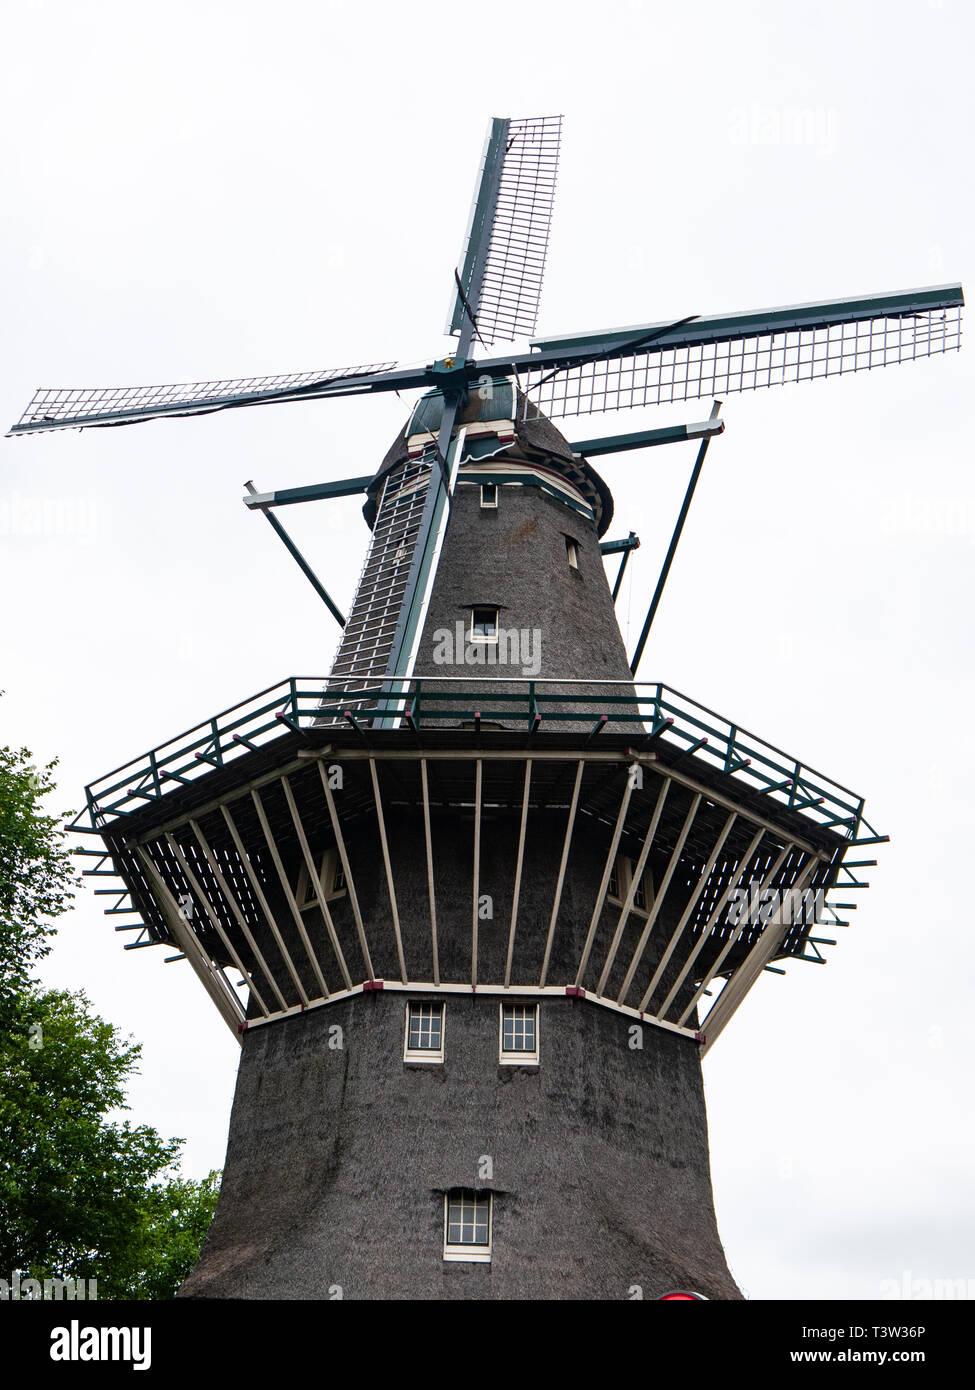 Brouwerij 't IJ brewery, De Gooyer windmill, Amsterdam, Netherlands - Stock Image